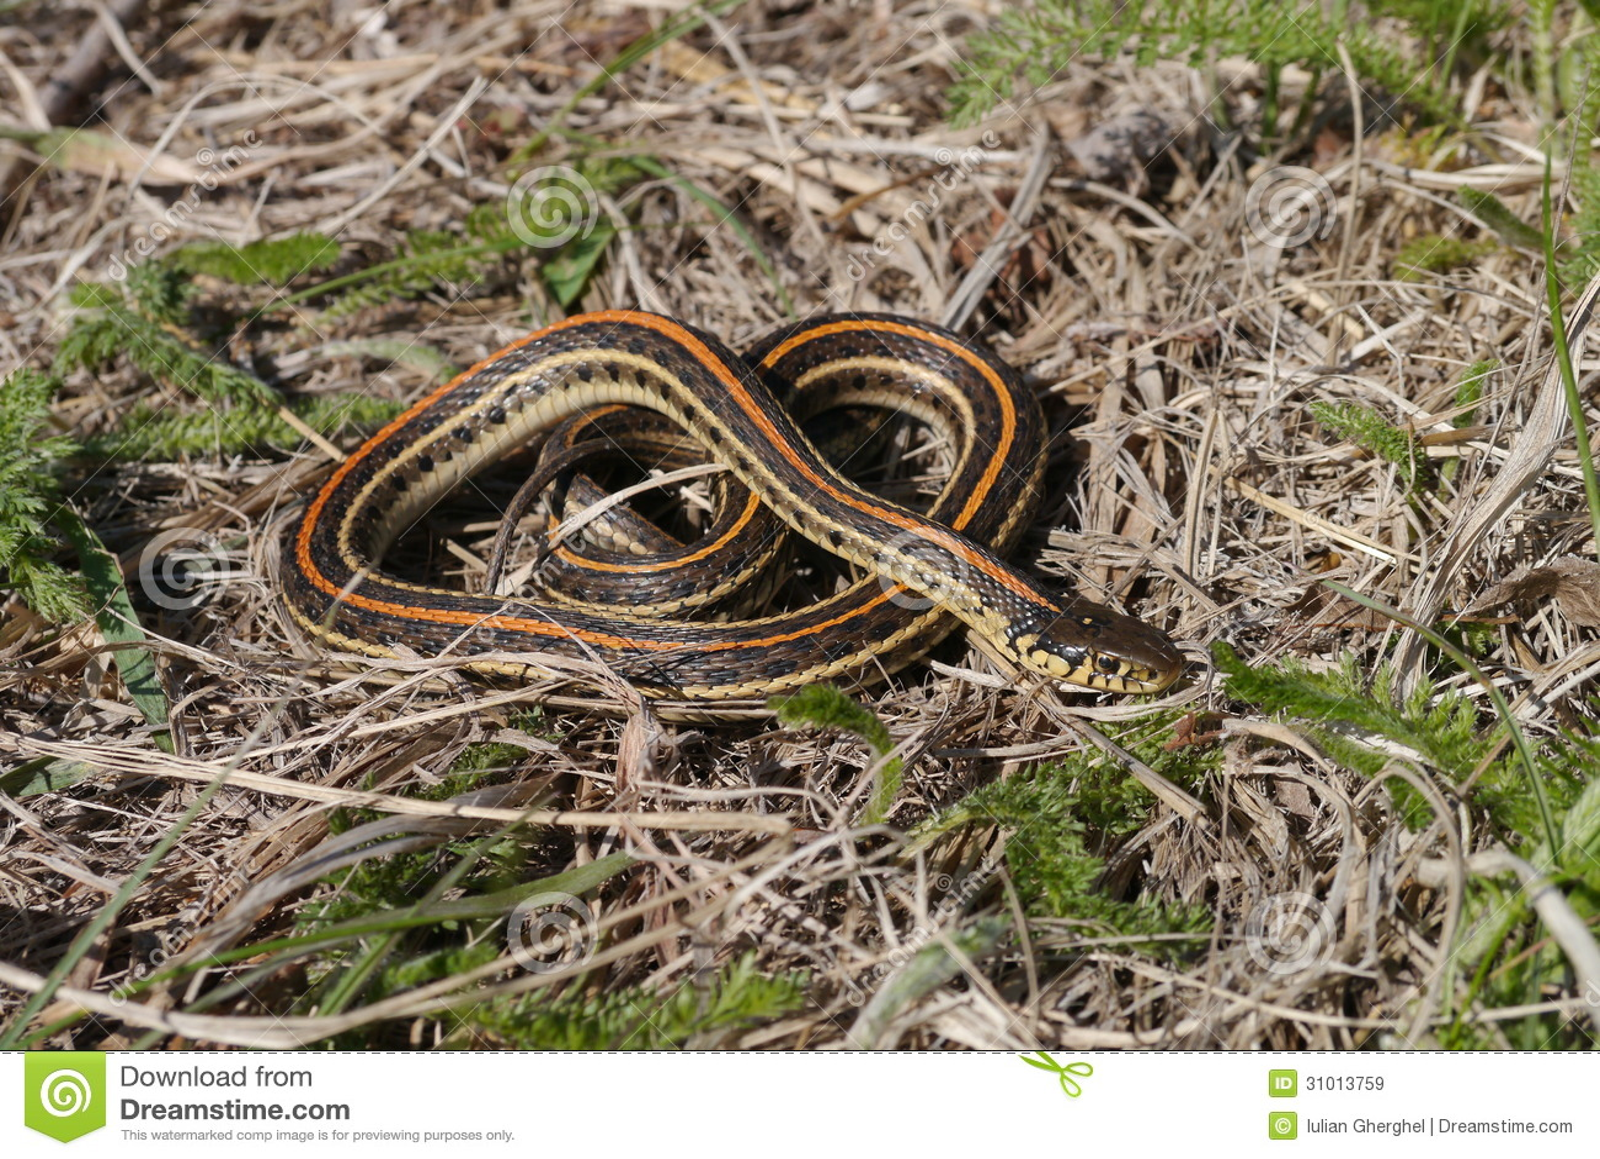 Równiny podwiązki wąż